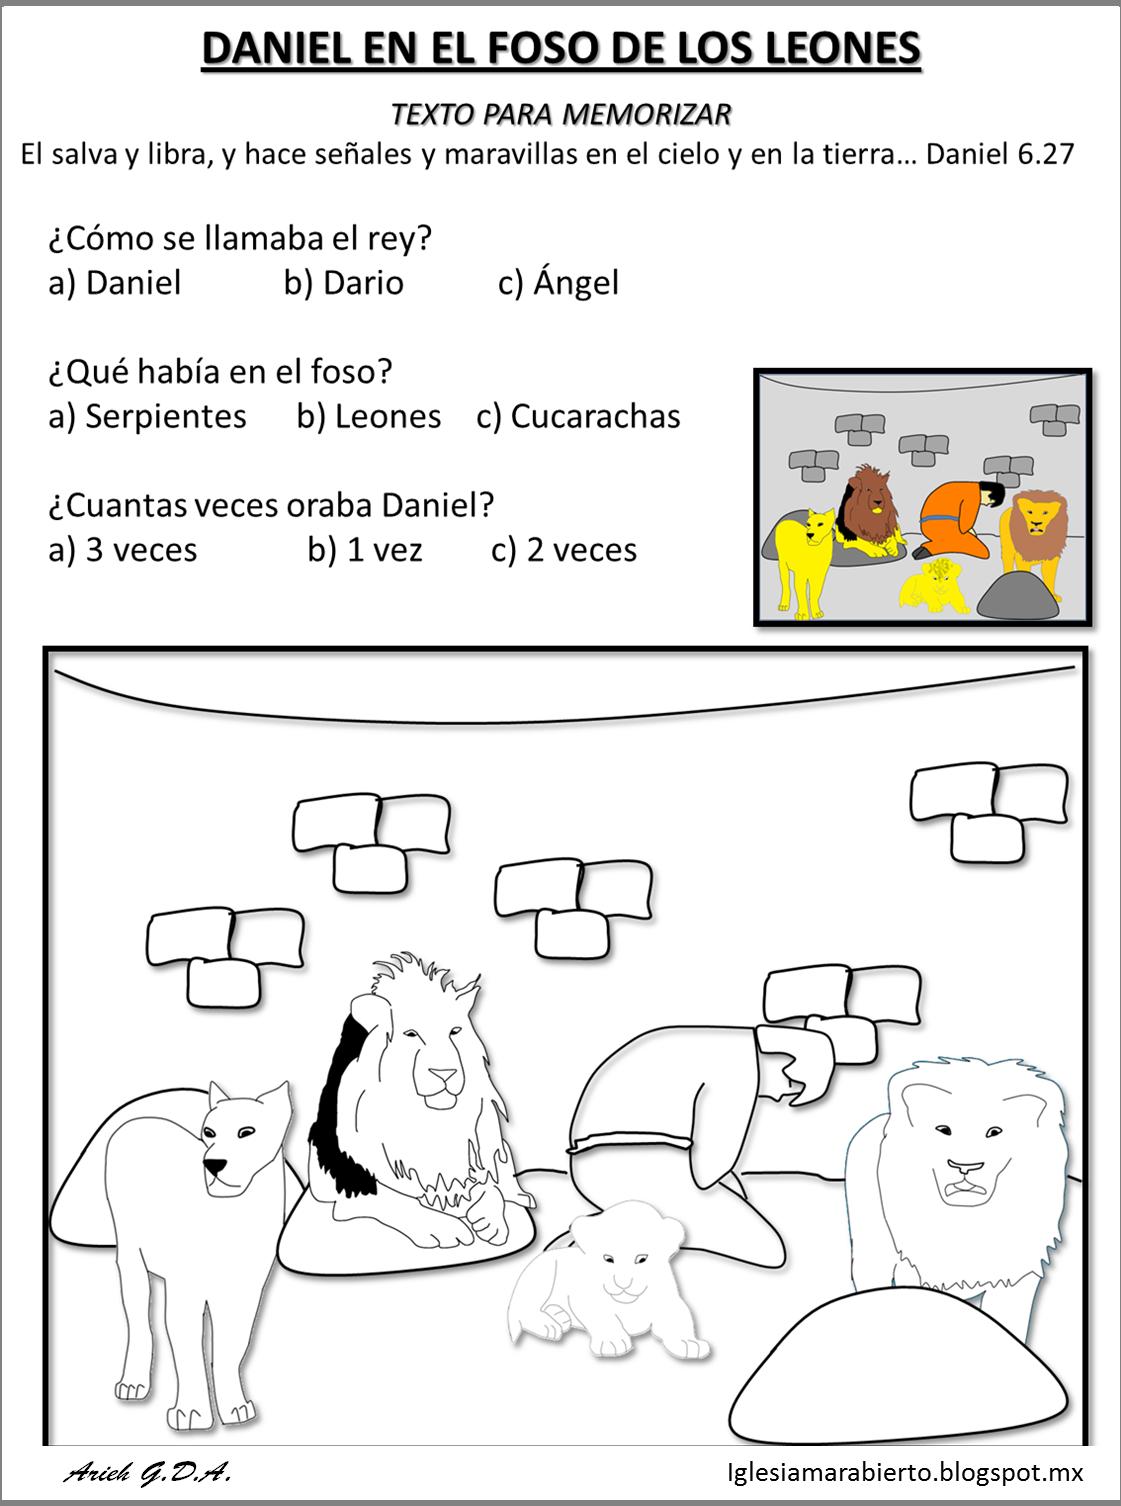 Resultado de imagen para CAMPAMENTO CRISTIANO PARA NIÑOS TEMA DANIEL ...